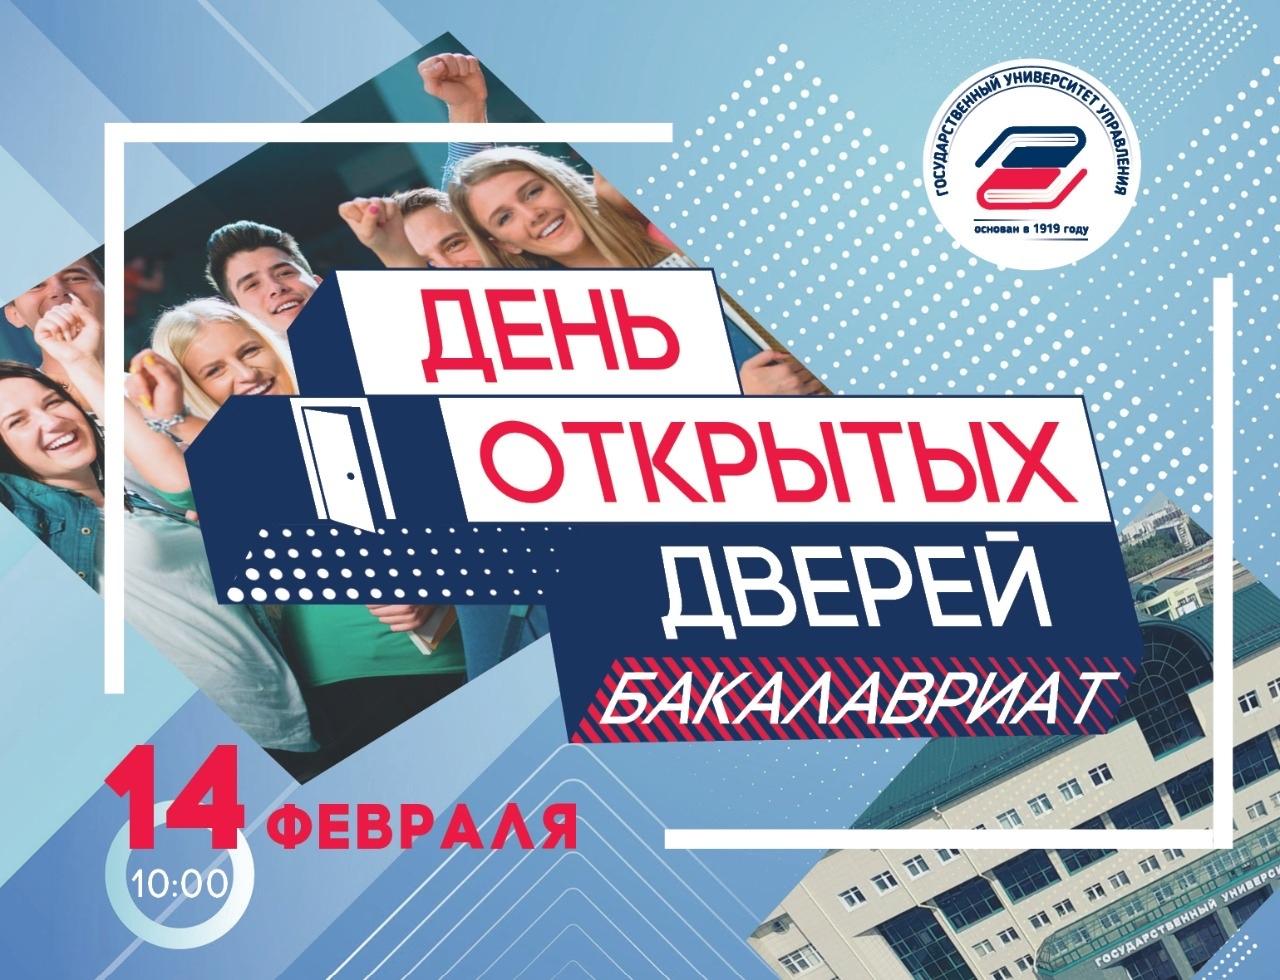 ГУУ проведет день открытых дверей для поступающих в бакалавриат в офлайн-режиме